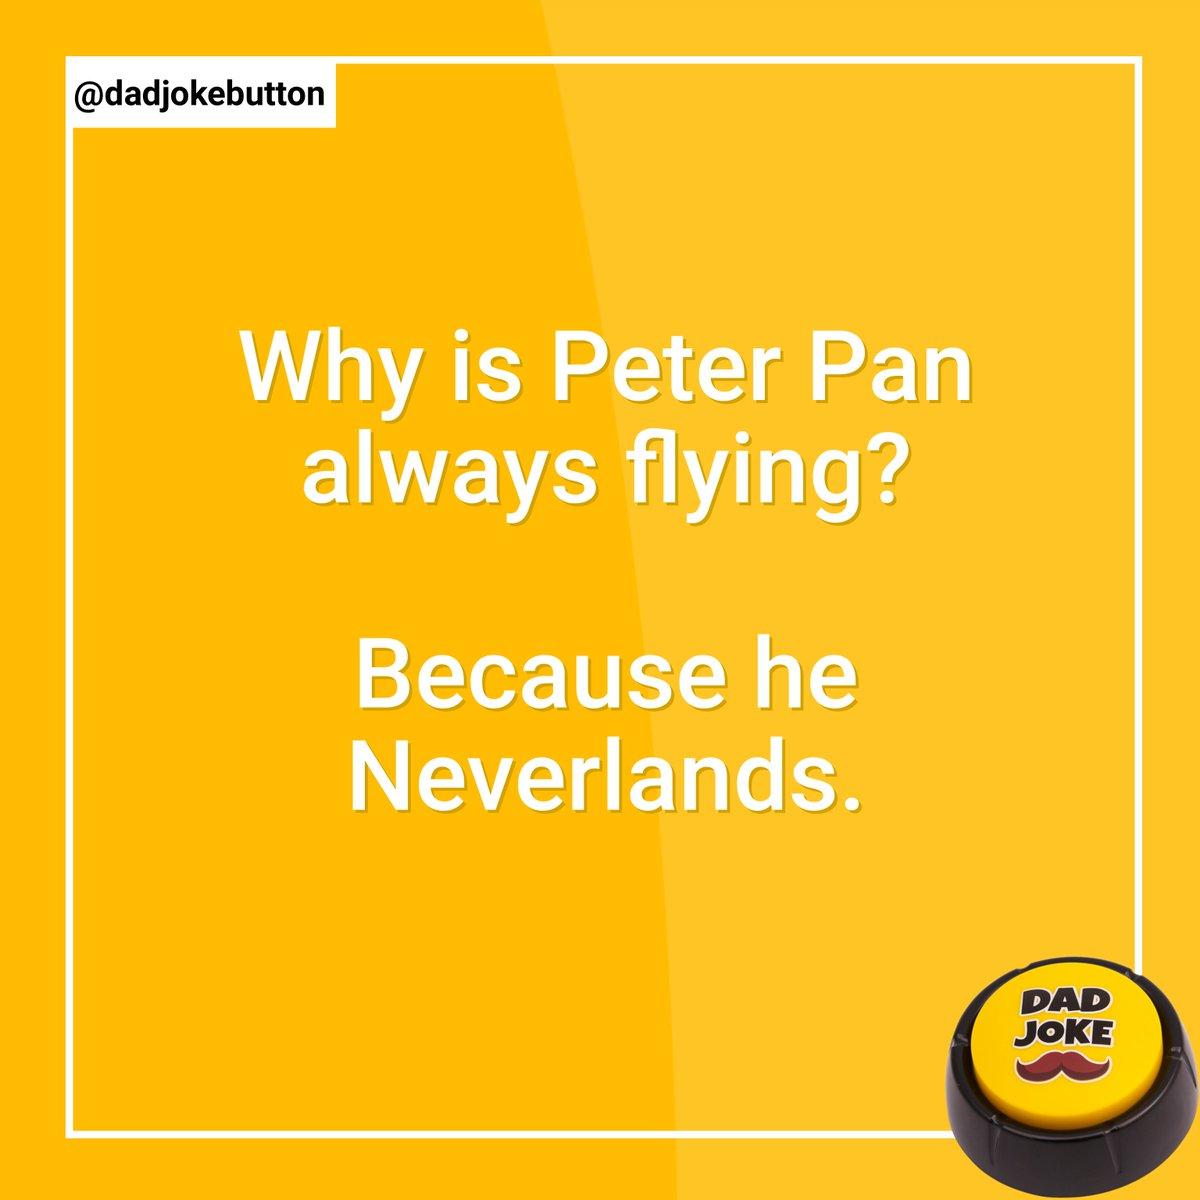 Follow @dadjokebutton  .  #dadjoke #dadjokes #jokes #joke #funny #comedy #puns #punsworld #punsfordays #jokesfordays #funnyjokes #jokesdaily #dailyjokes #humour #relatablejokes #laugh #joking #funnymemes #punny #pun #humor #talkingbuttonpic.twitter.com/B0bro4SKsr